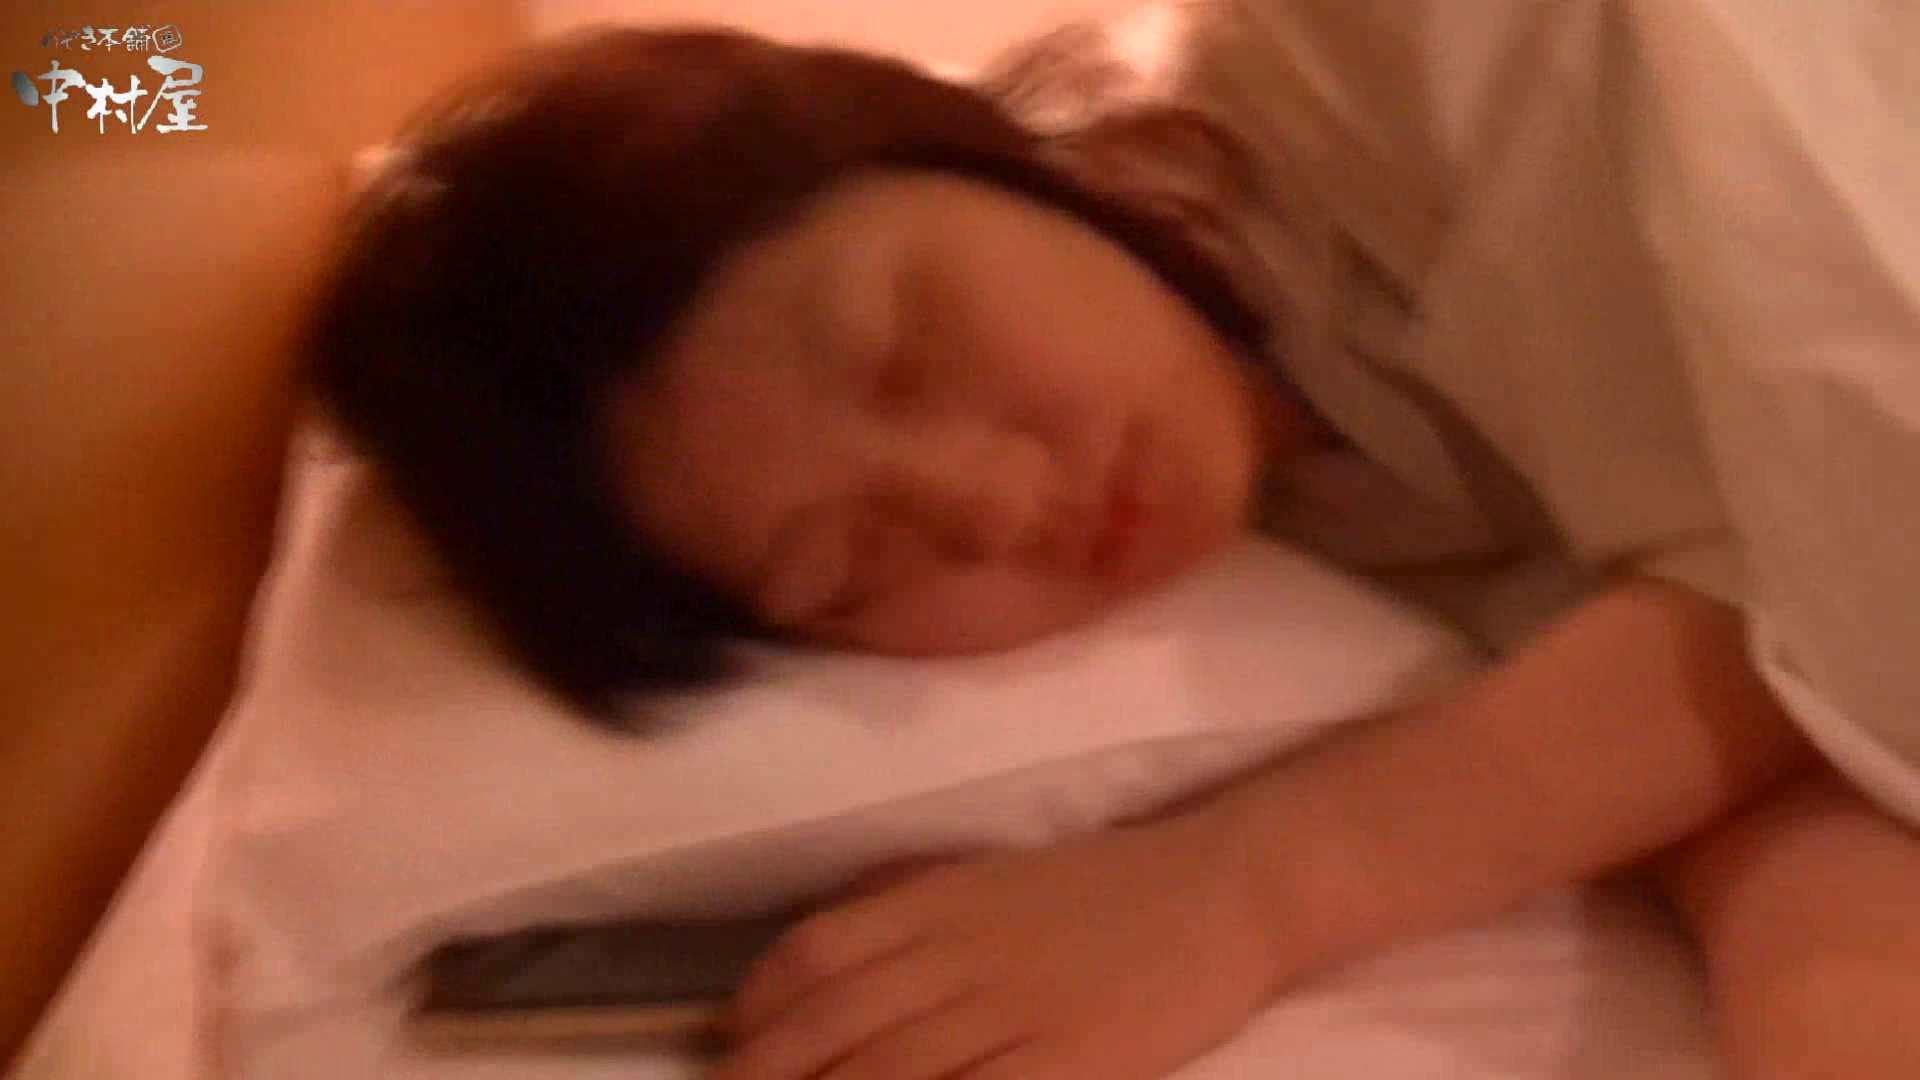 ネムリ姫 vol.43 イタズラ映像 | オンナ達乳首  11枚 1